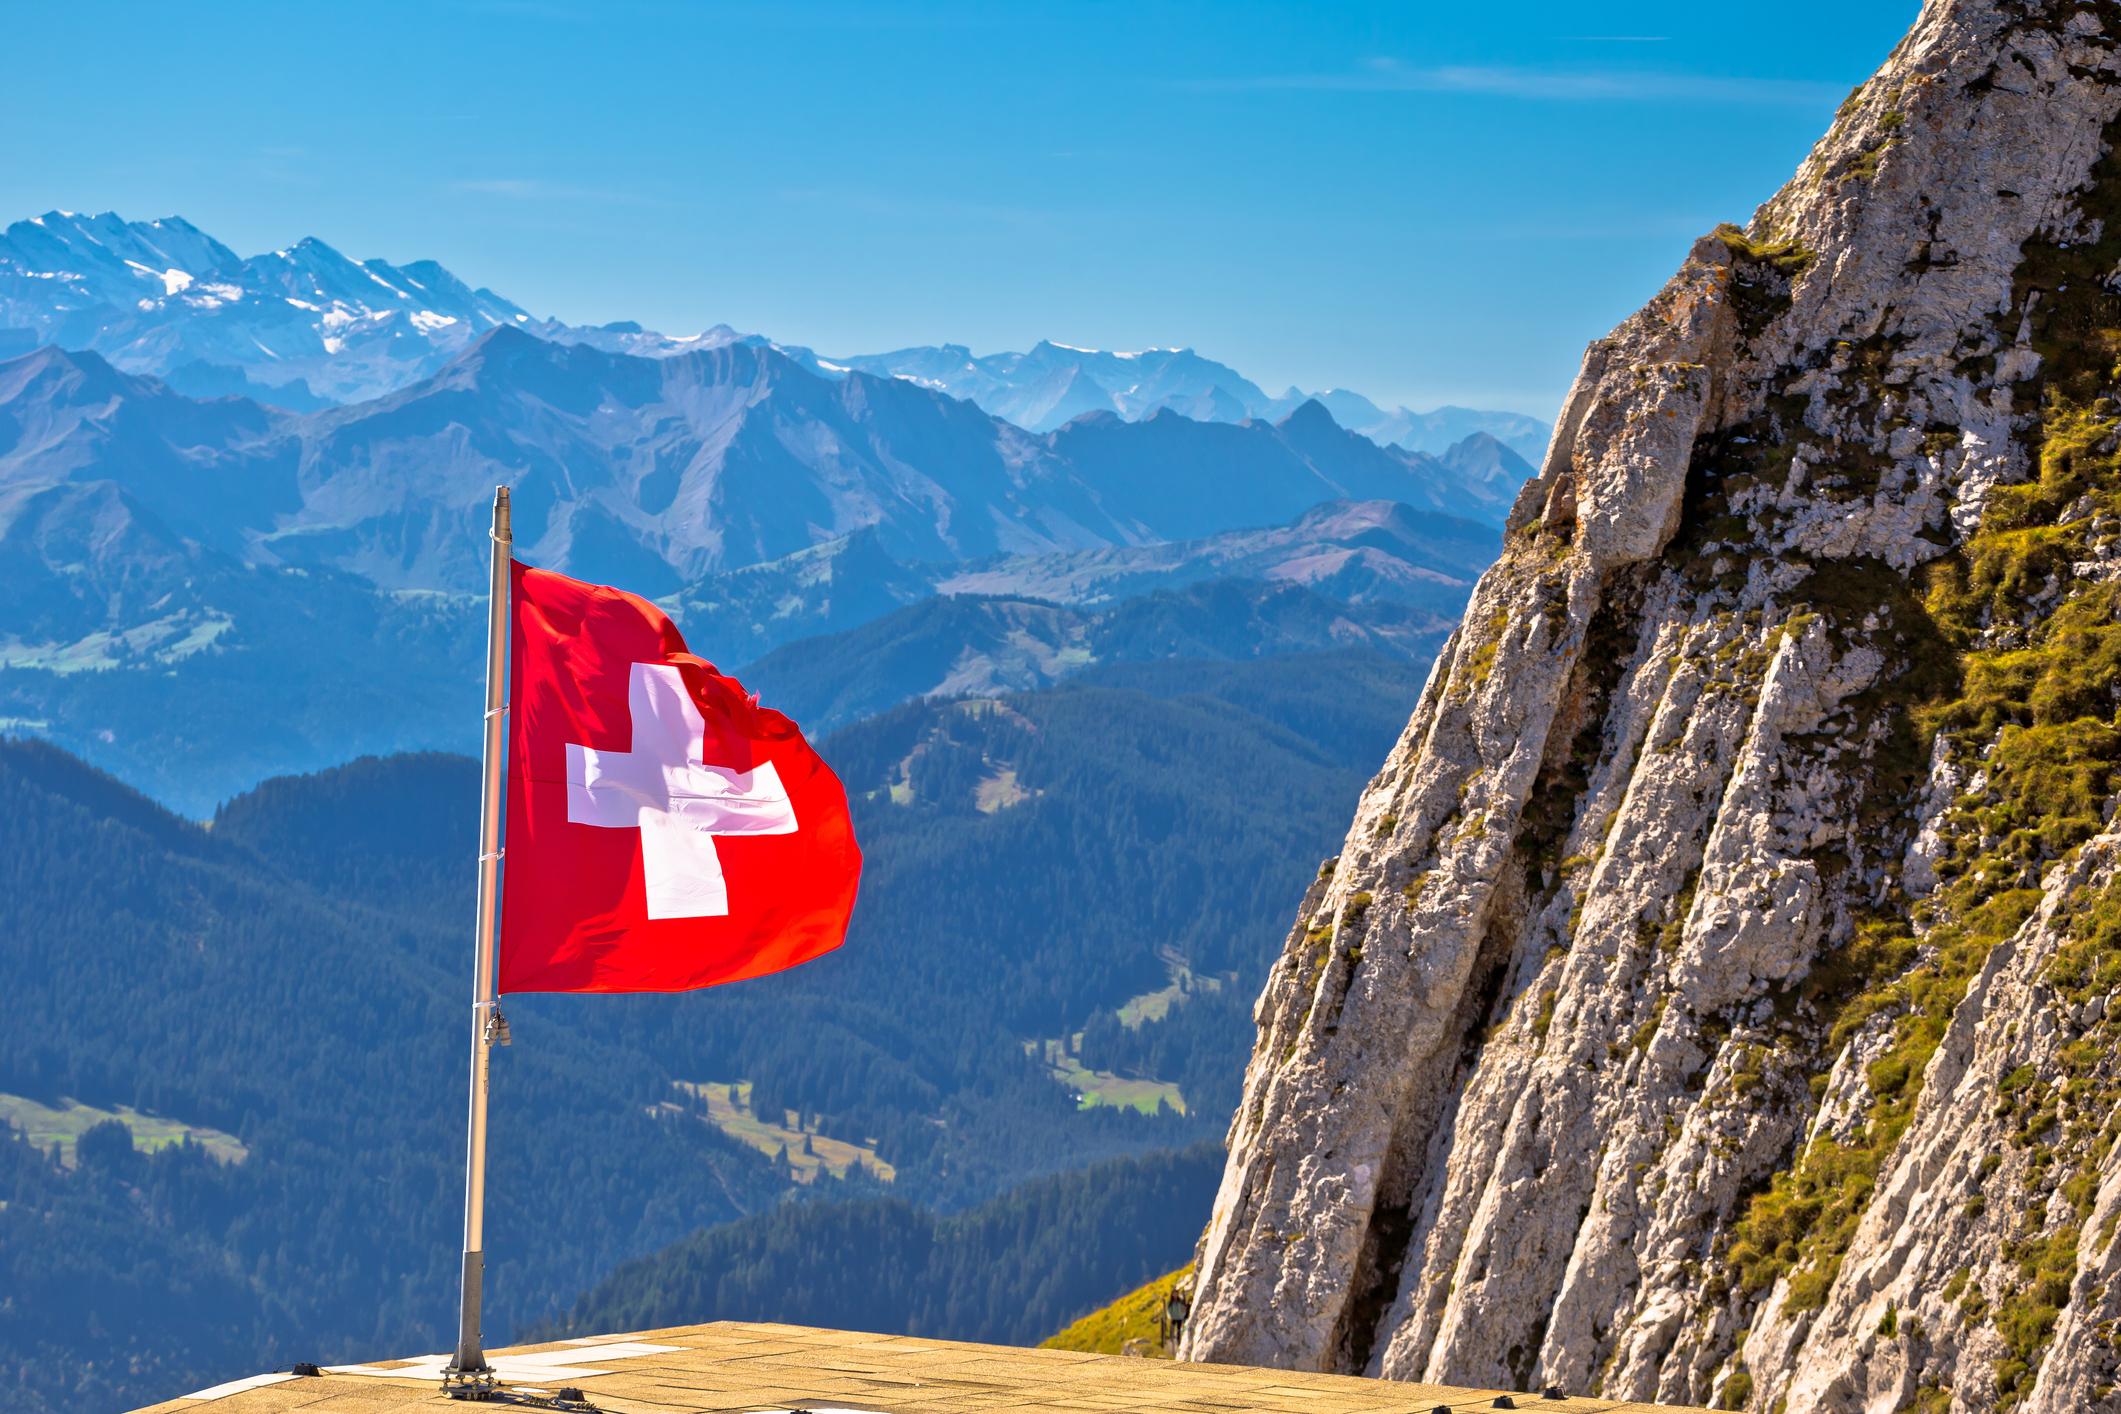 Schweizer Alpen mit schweizer Flagge